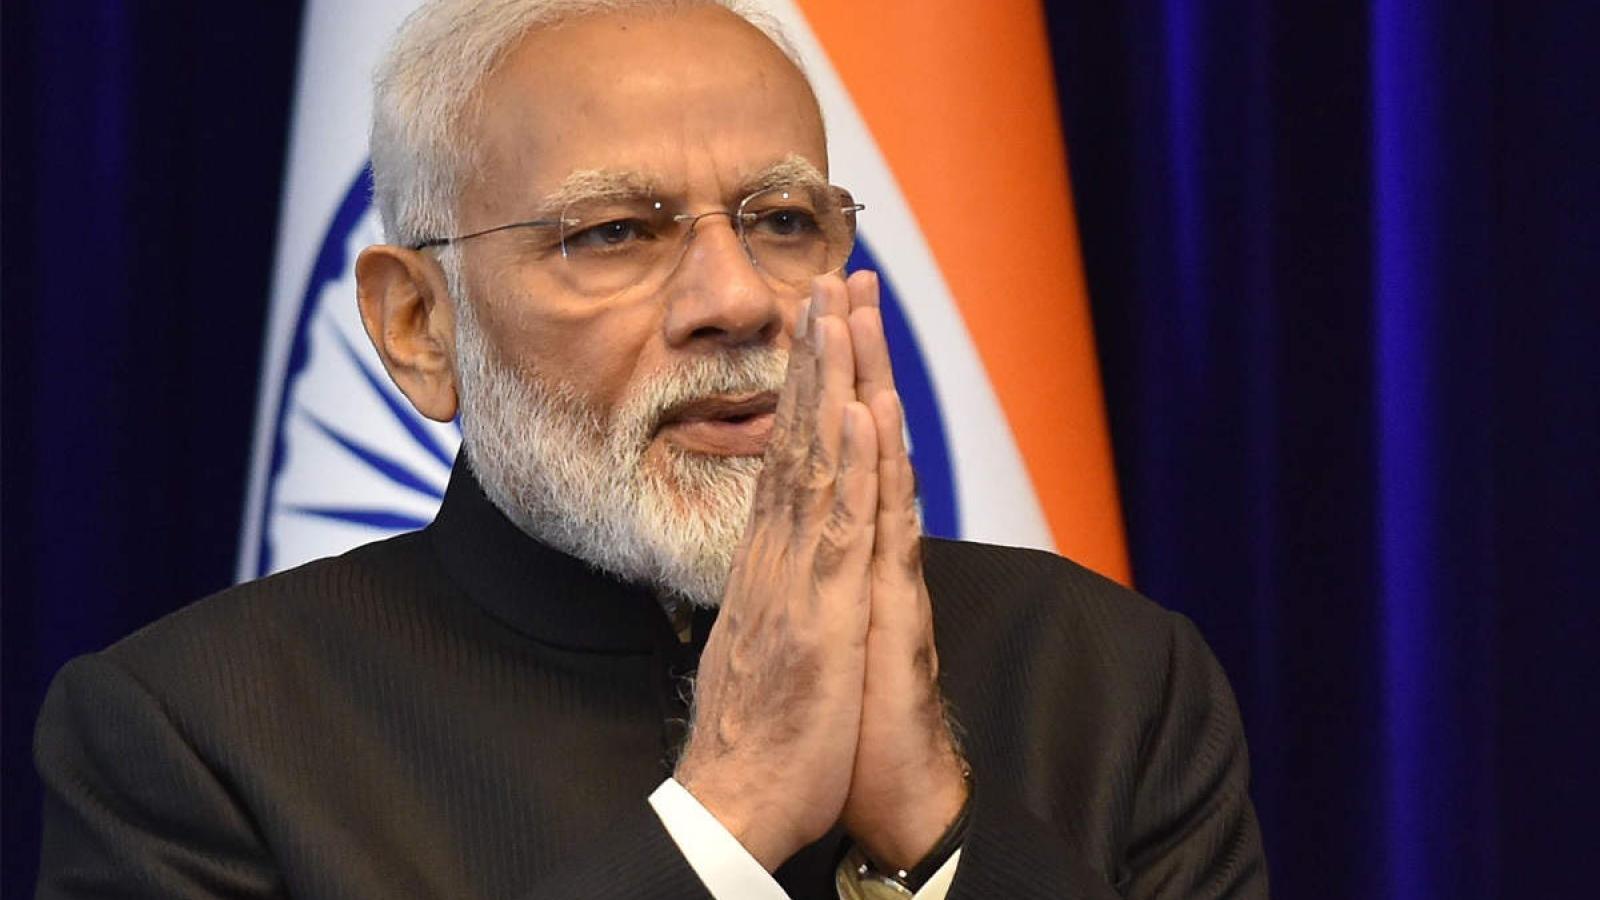 Ấn Độ mong muốn một mối quan hệ chân thành với Pakistan